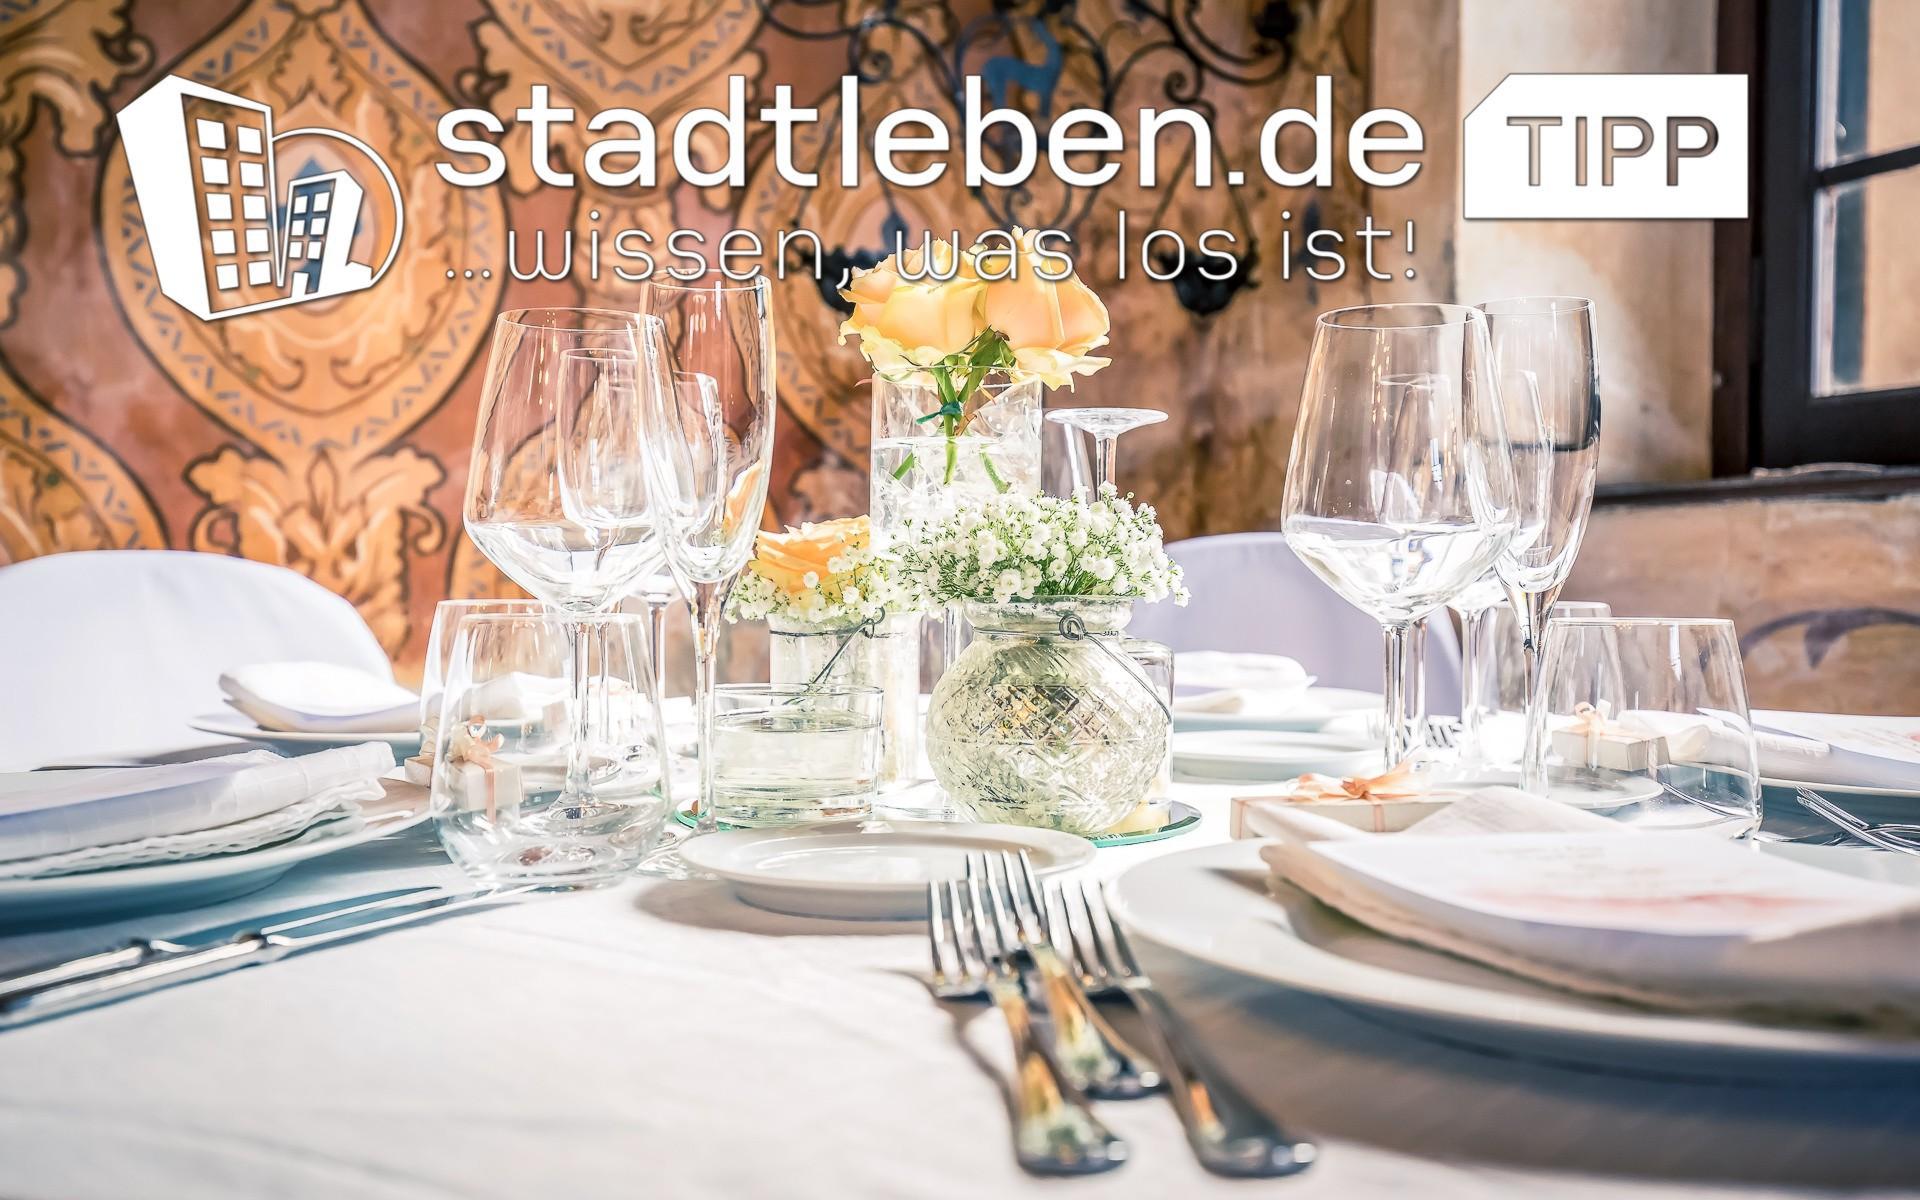 Rheingau, Eventlocations, Gedeckter Tisch, Teller, Gäbel, Löffel, Blumen